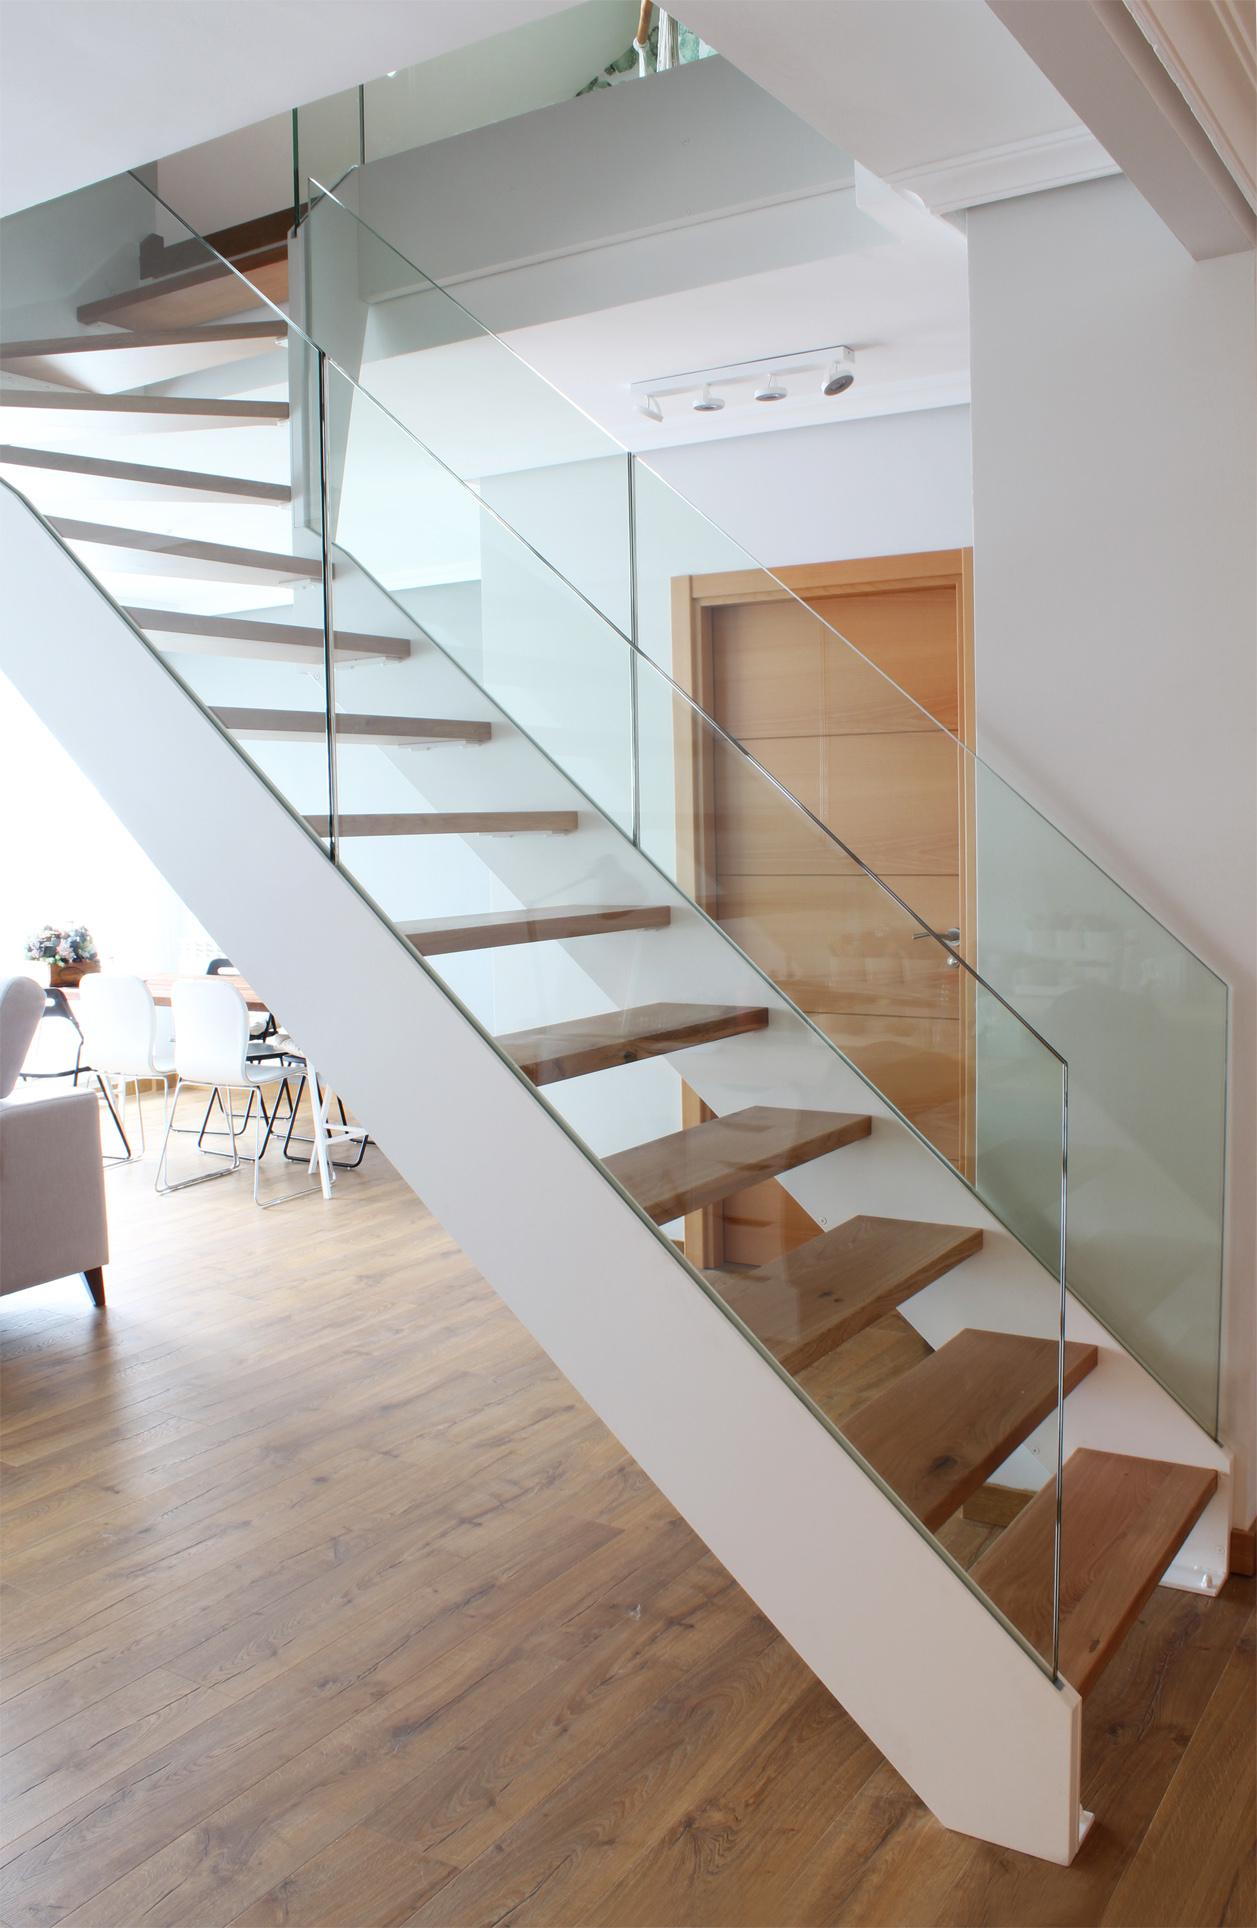 Escalera modelo l niz escalera de doble zanca con barandilla de vidrio templado - Escaleras de cristal y madera ...